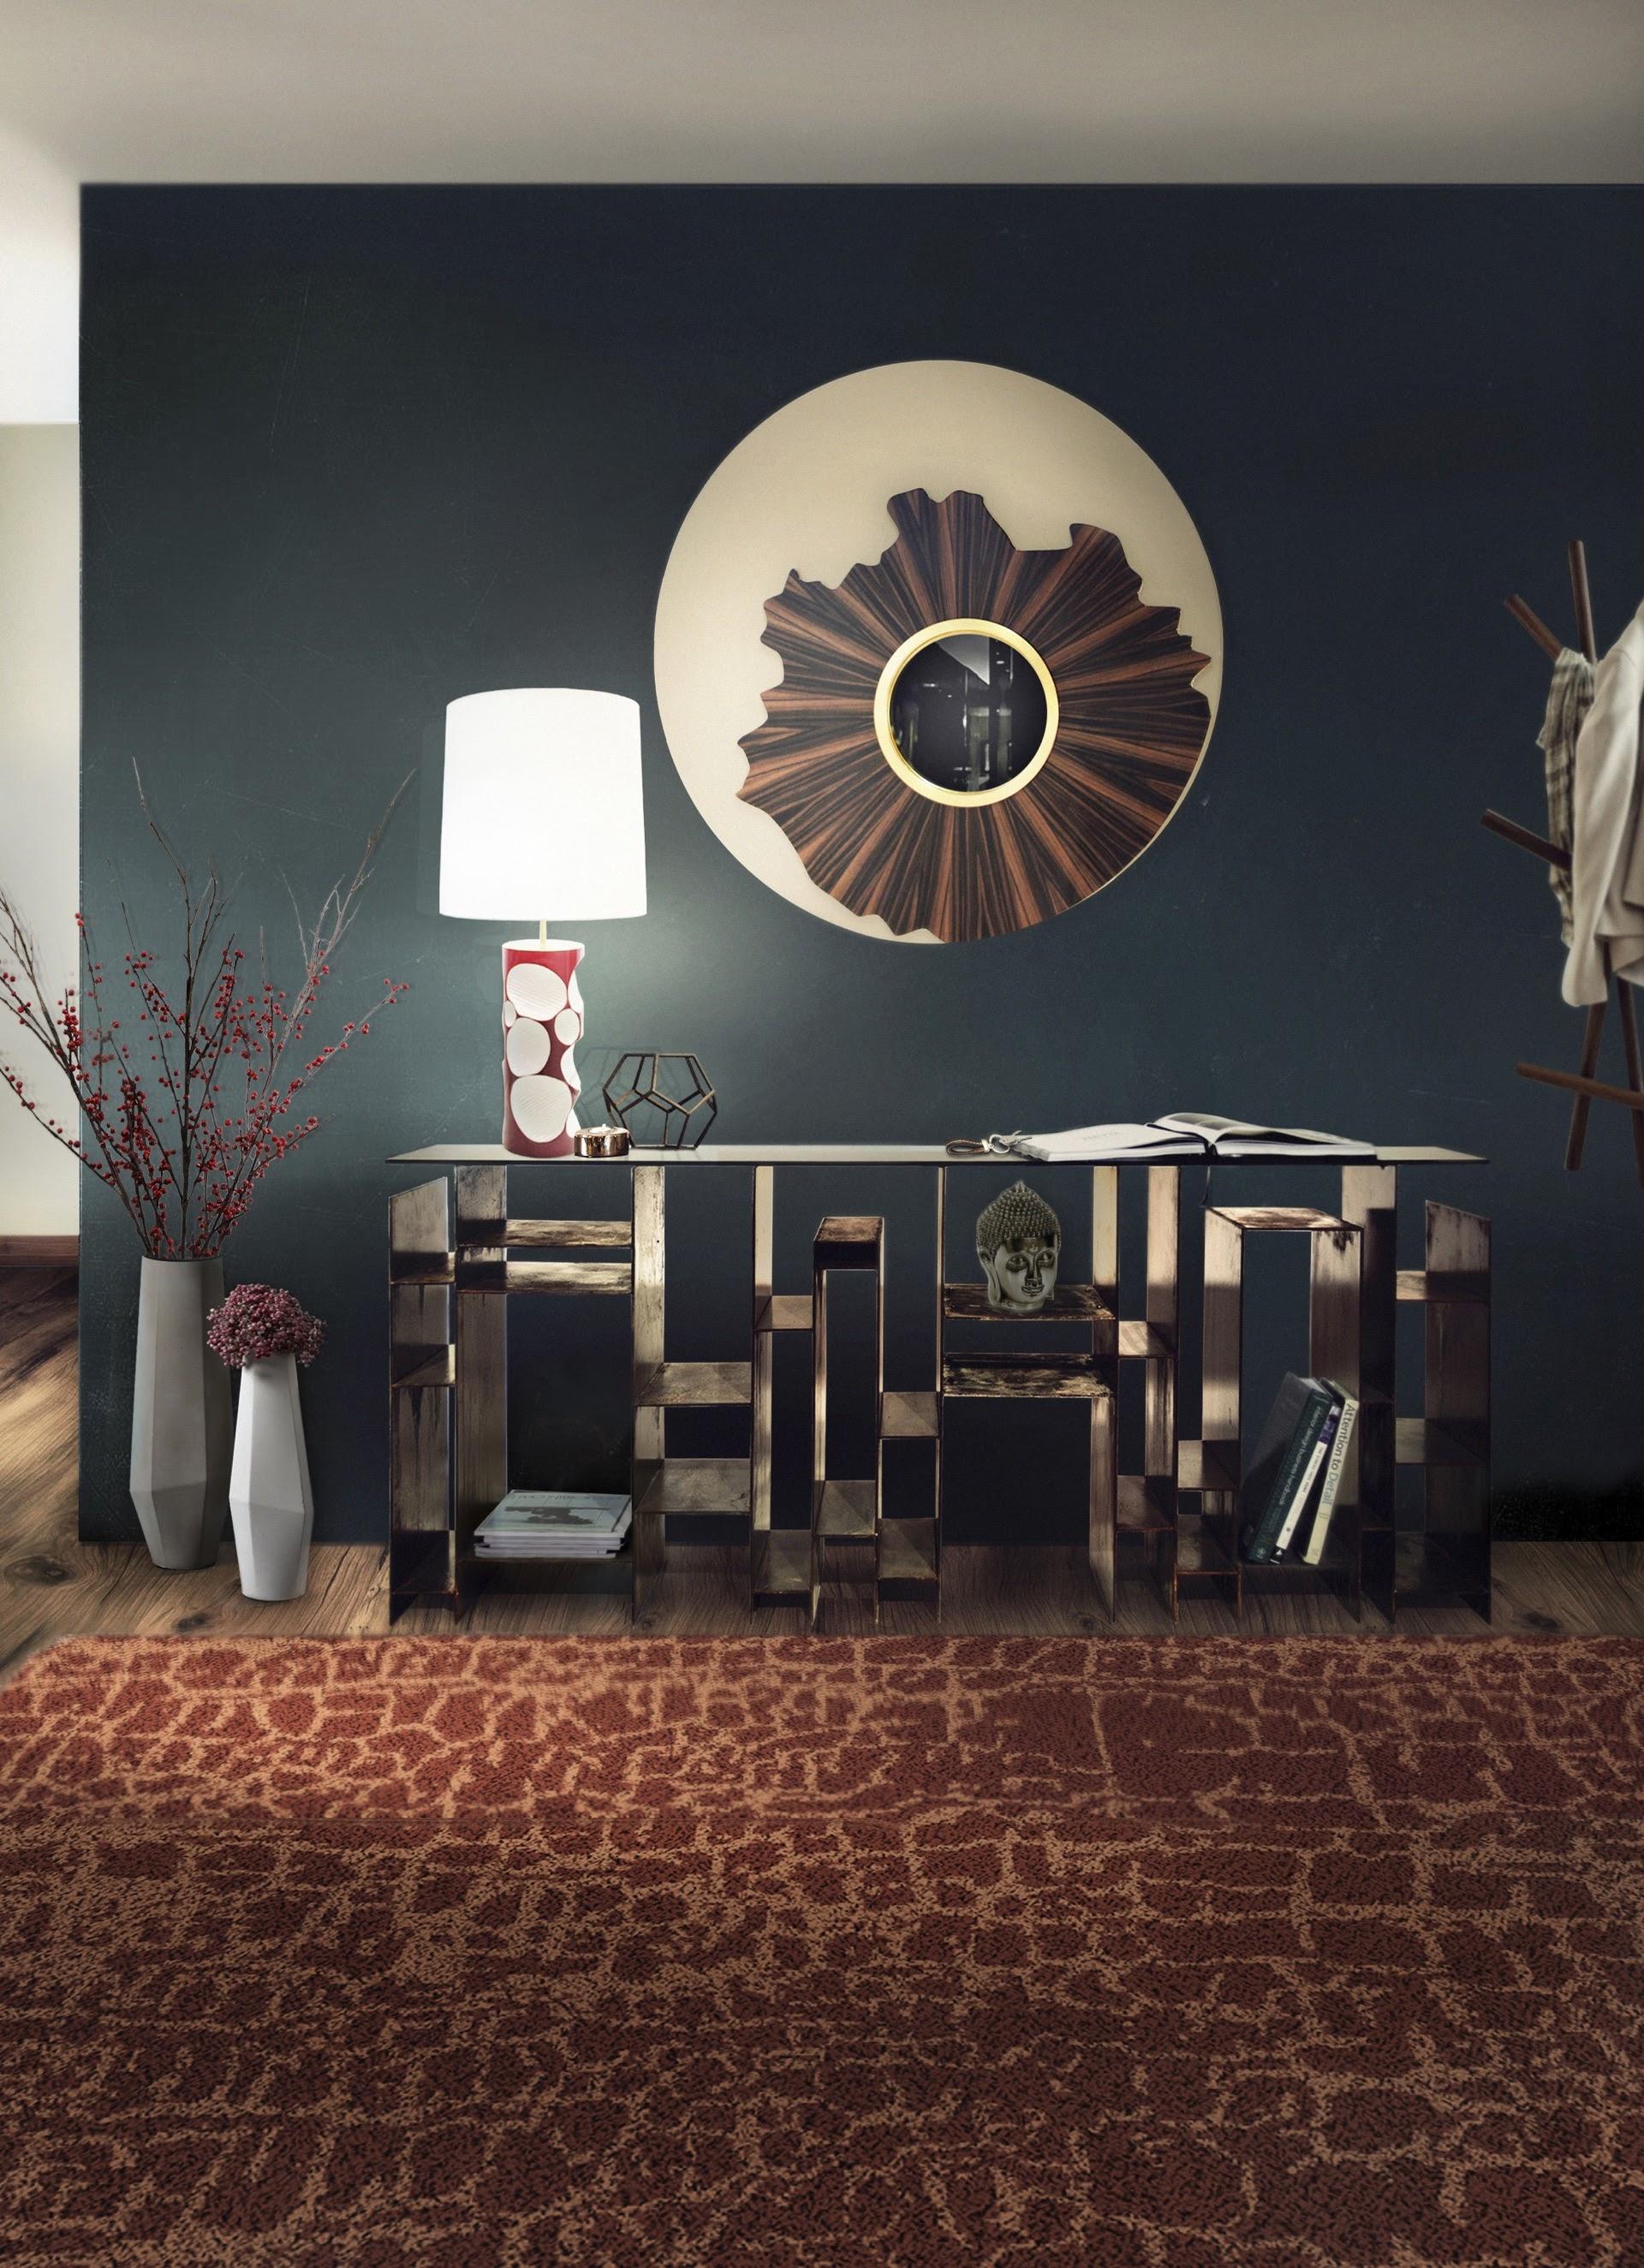 Новый каталог BRABBU | Мебельные тенденции 2018 Мебельные тенденции Новый каталог BRABBU | Мебельные тенденции 2018 brabbu ambience press 32 HR